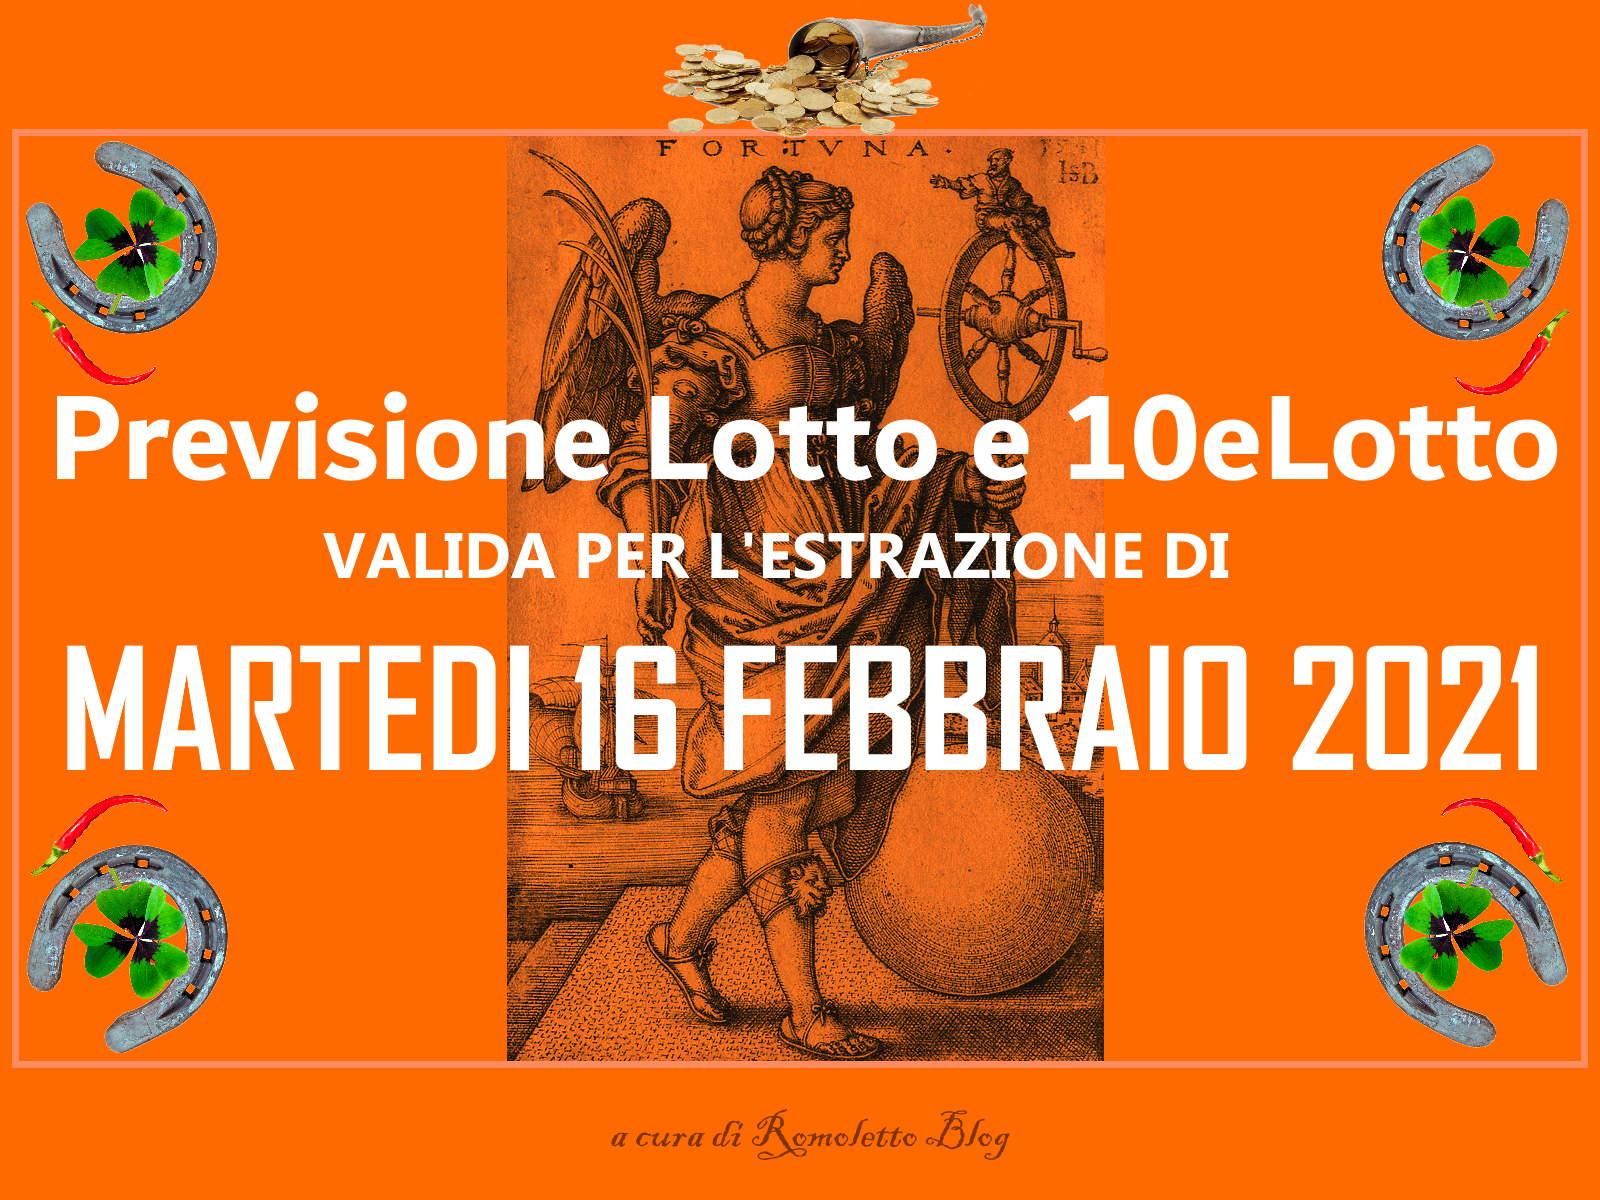 Previsione Lotto e 10eLotto del 16 Febbraio 2021